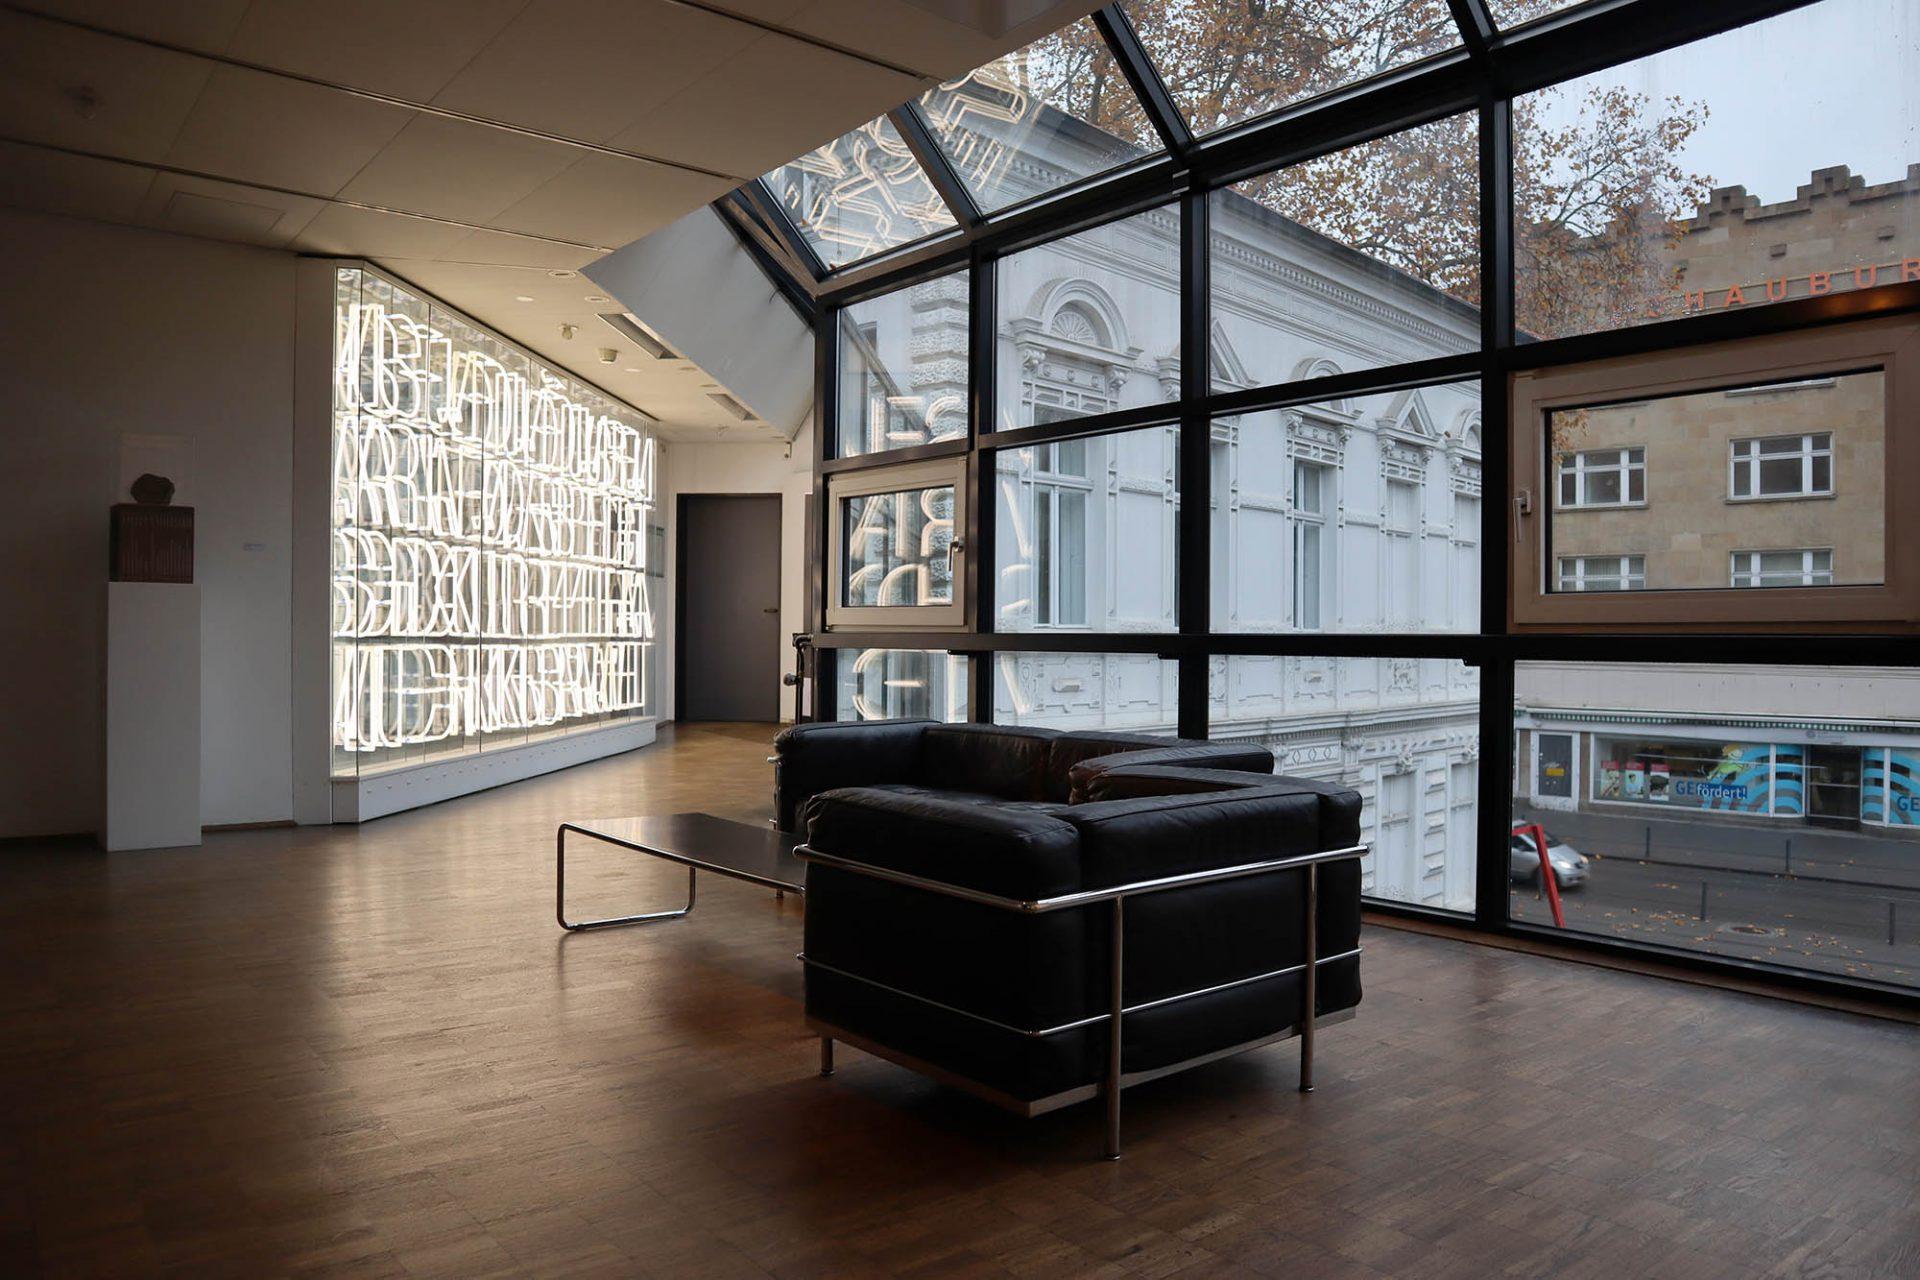 Kunstmuseum Gelsenkirchen. Die Leuchtschriftwand von Ferdinand Kwiet setzt nach innen und außen ein markantes Zeichen.